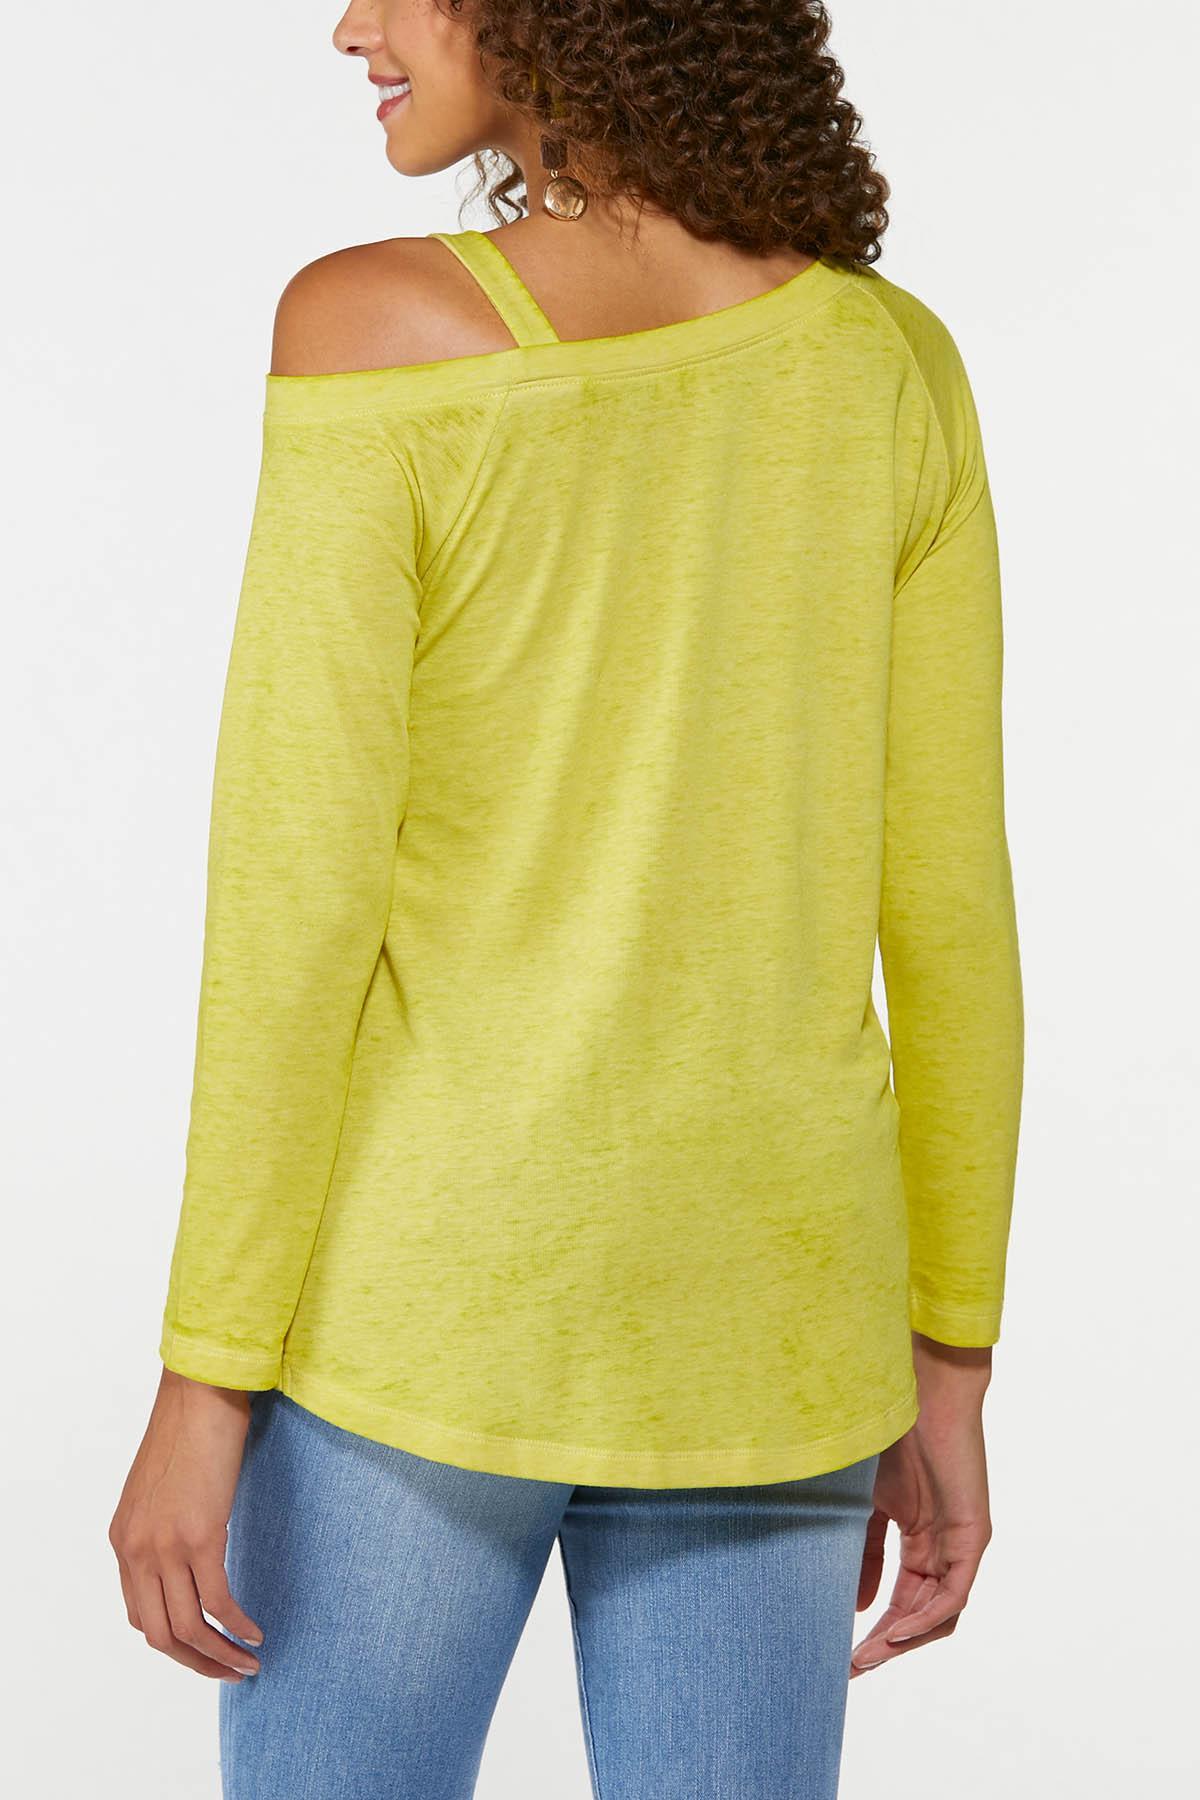 Plus Size One Shoulder Twist Top (Item #44741647)